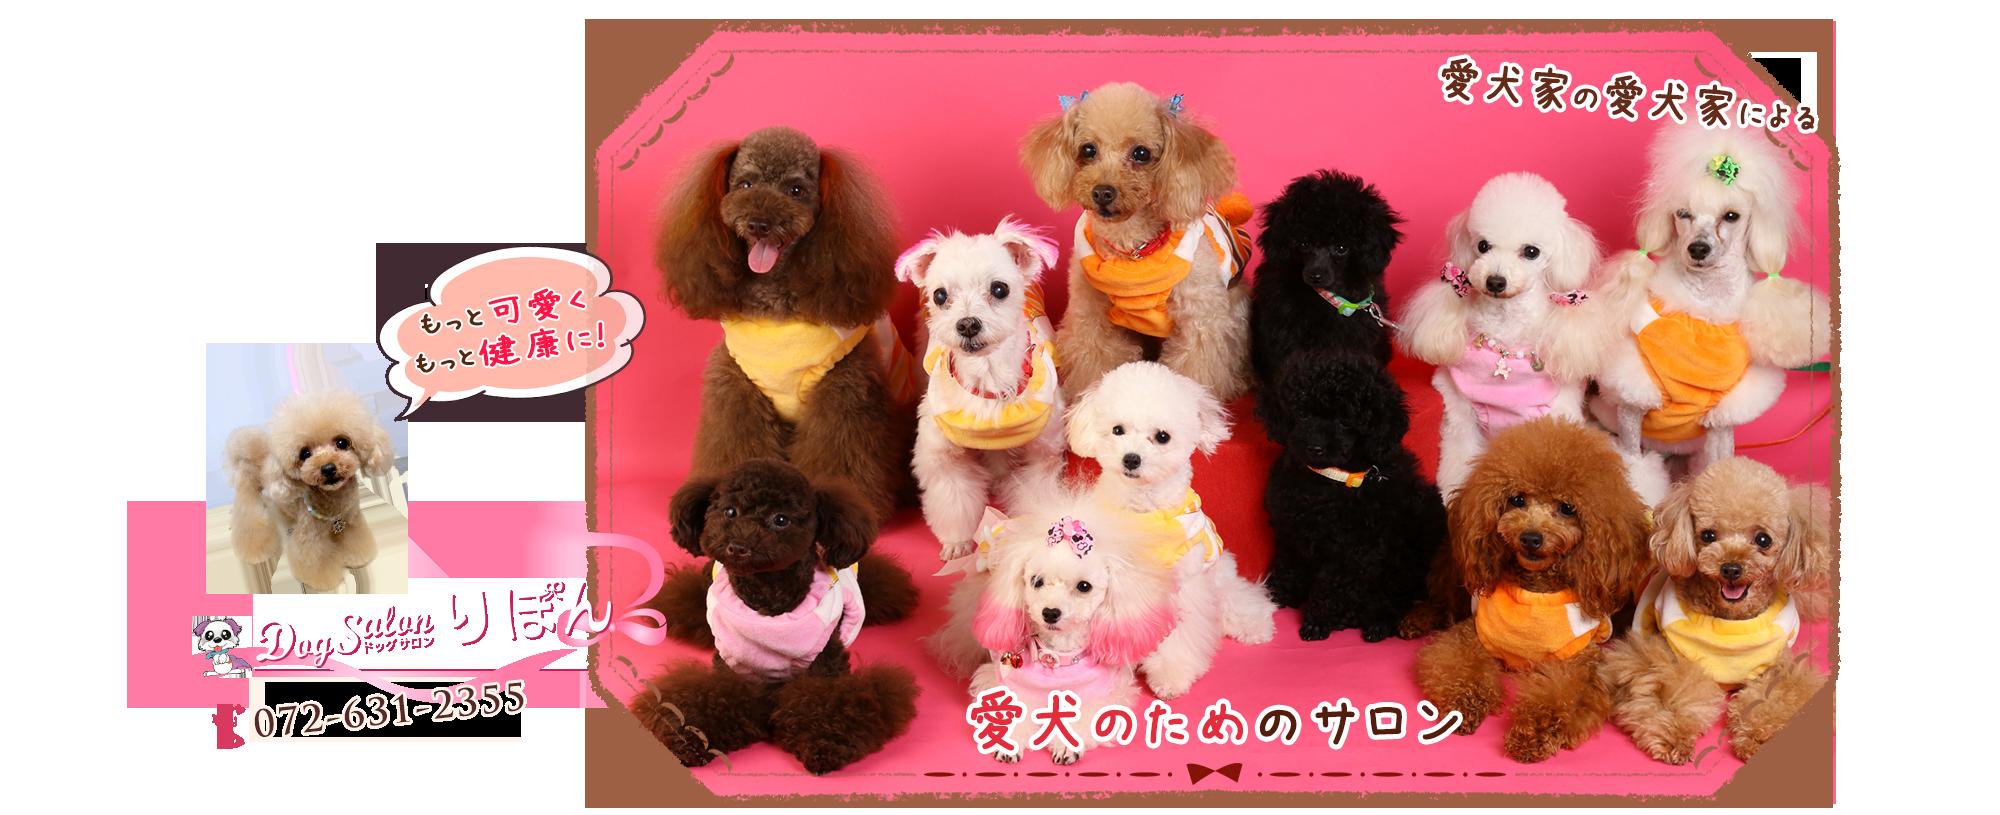 愛犬家の愛犬家による愛犬のためのサロン